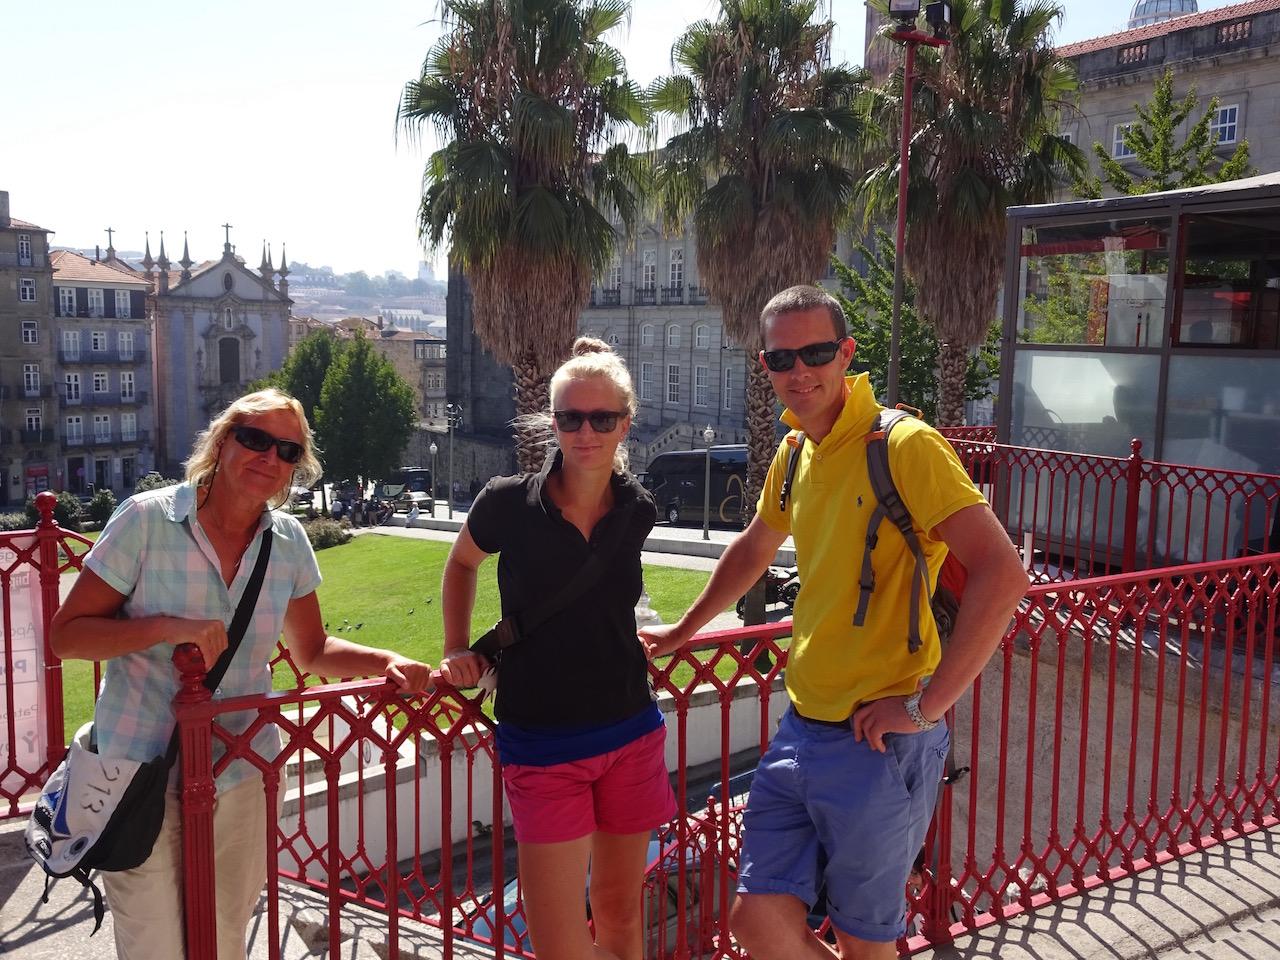 Gruppenfoto mit Palmen